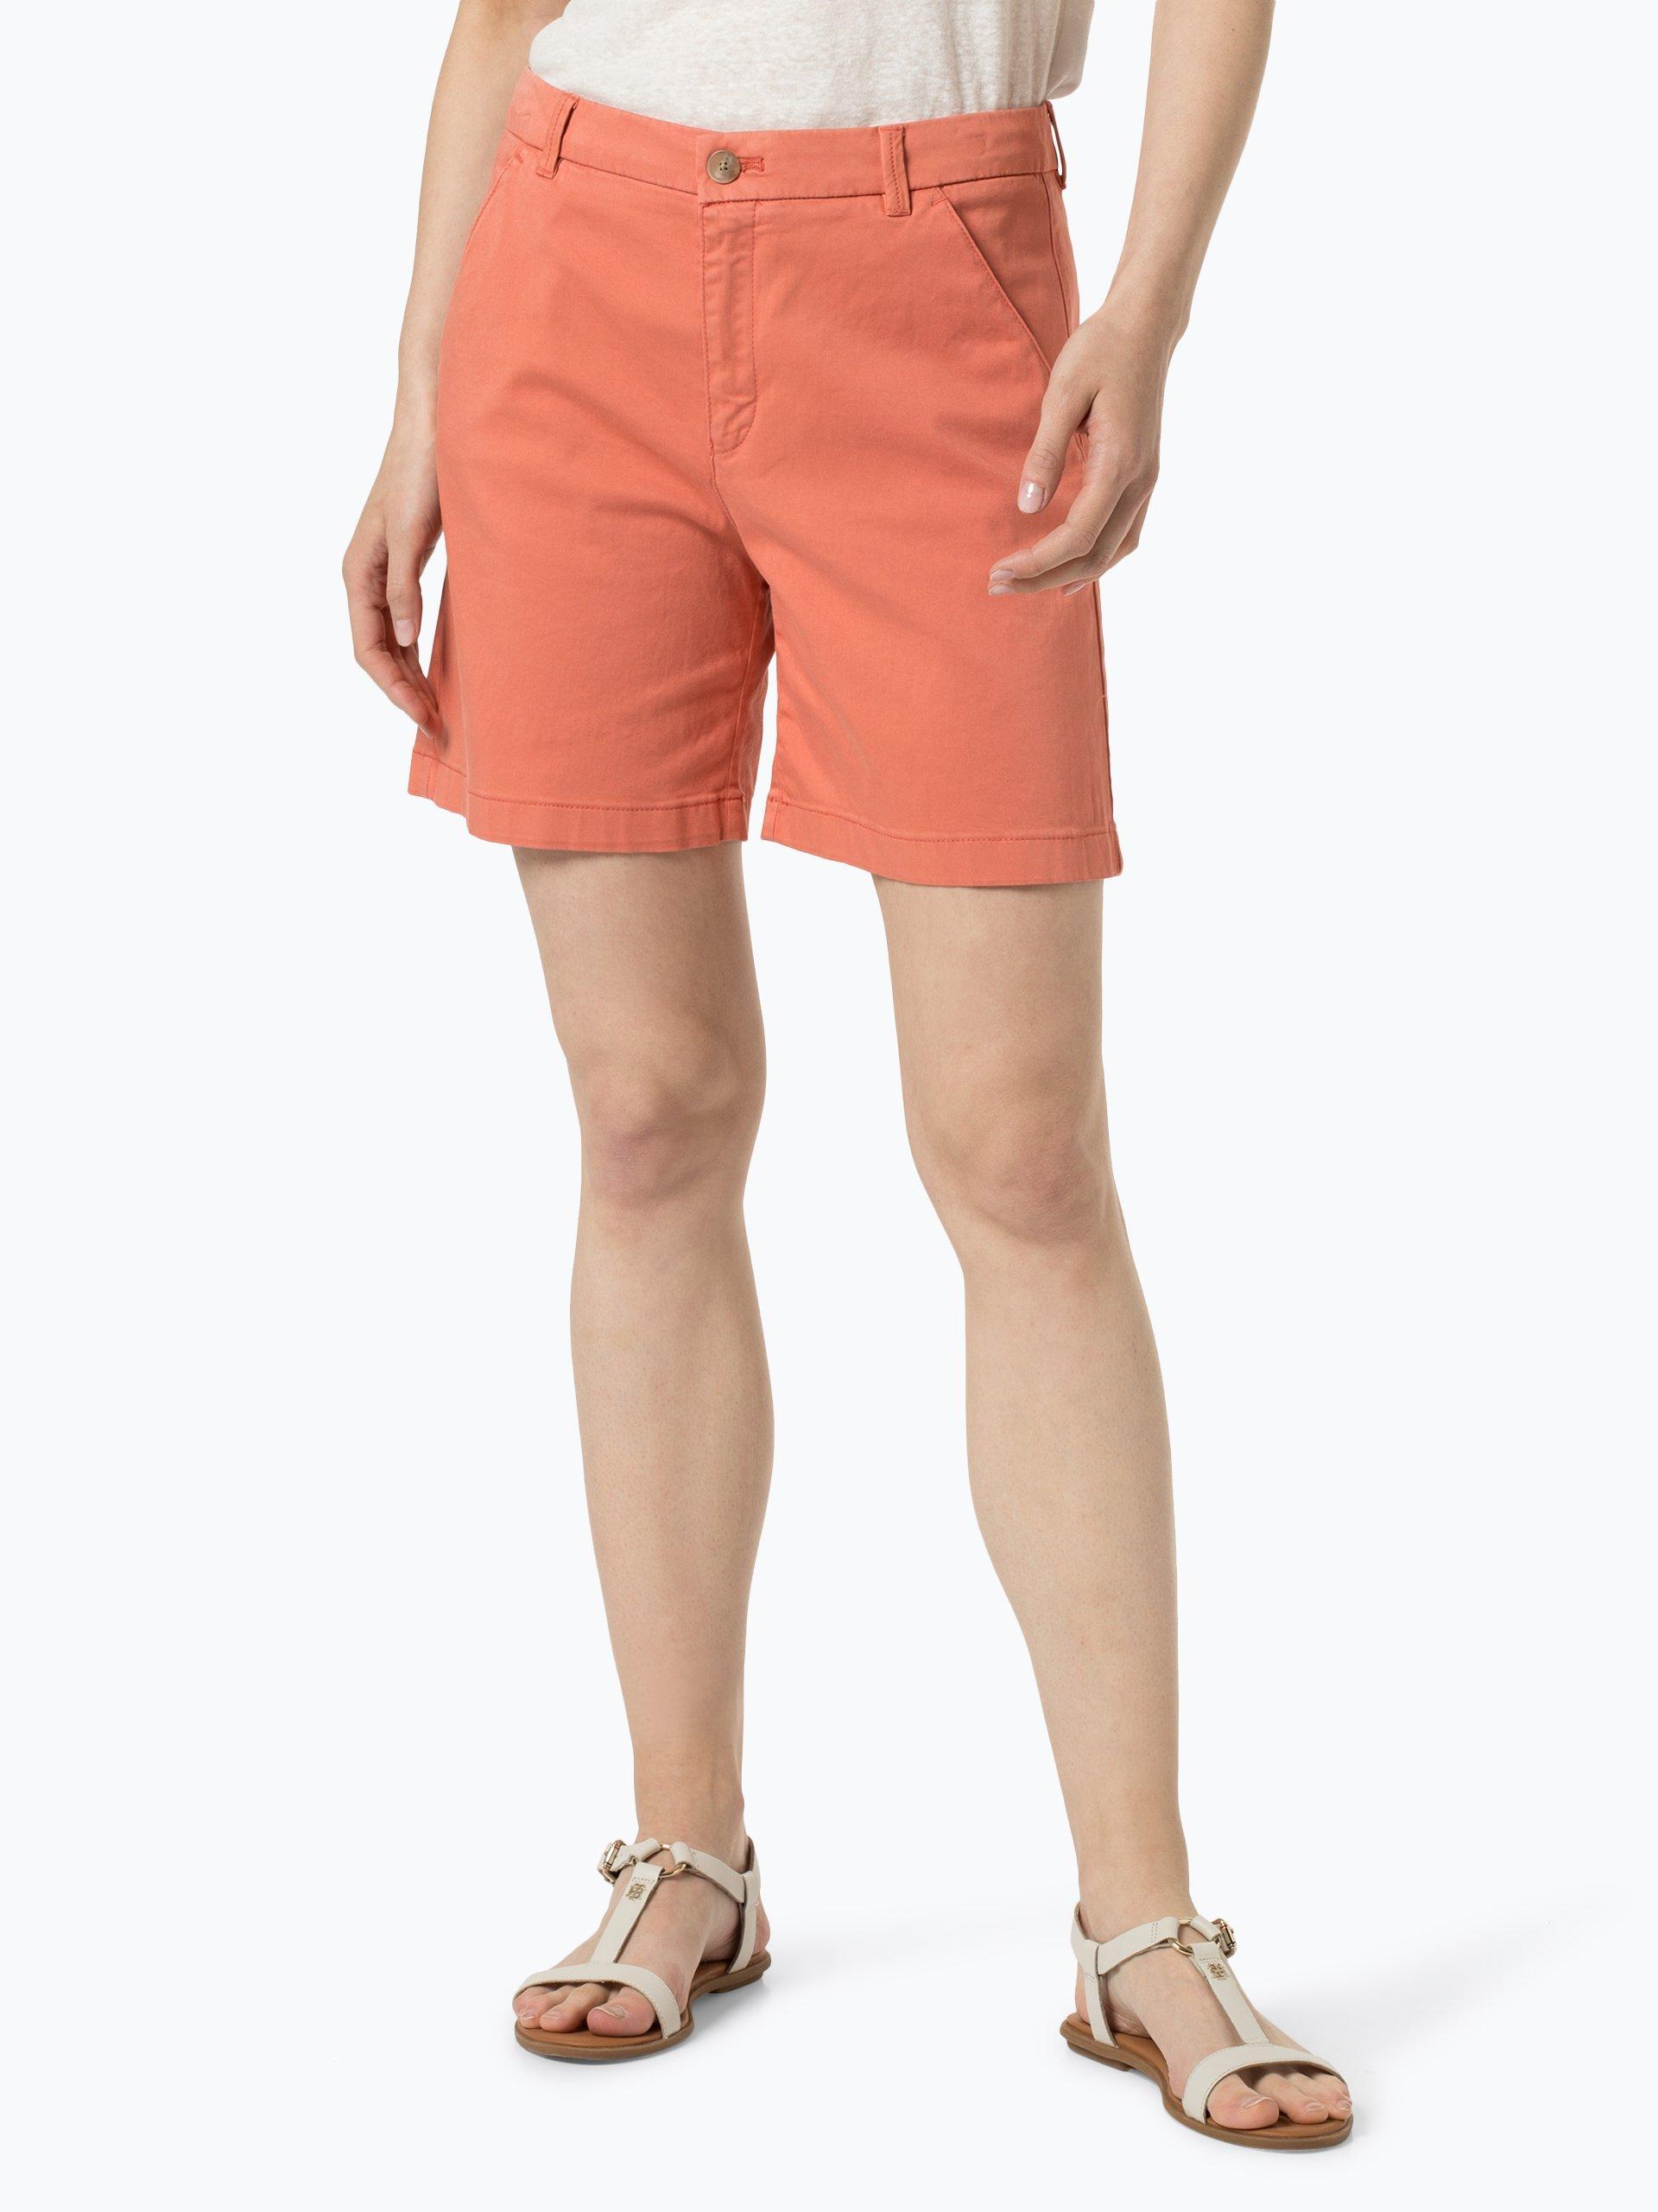 BOSS Casual Damen Shorts - Sichily-D